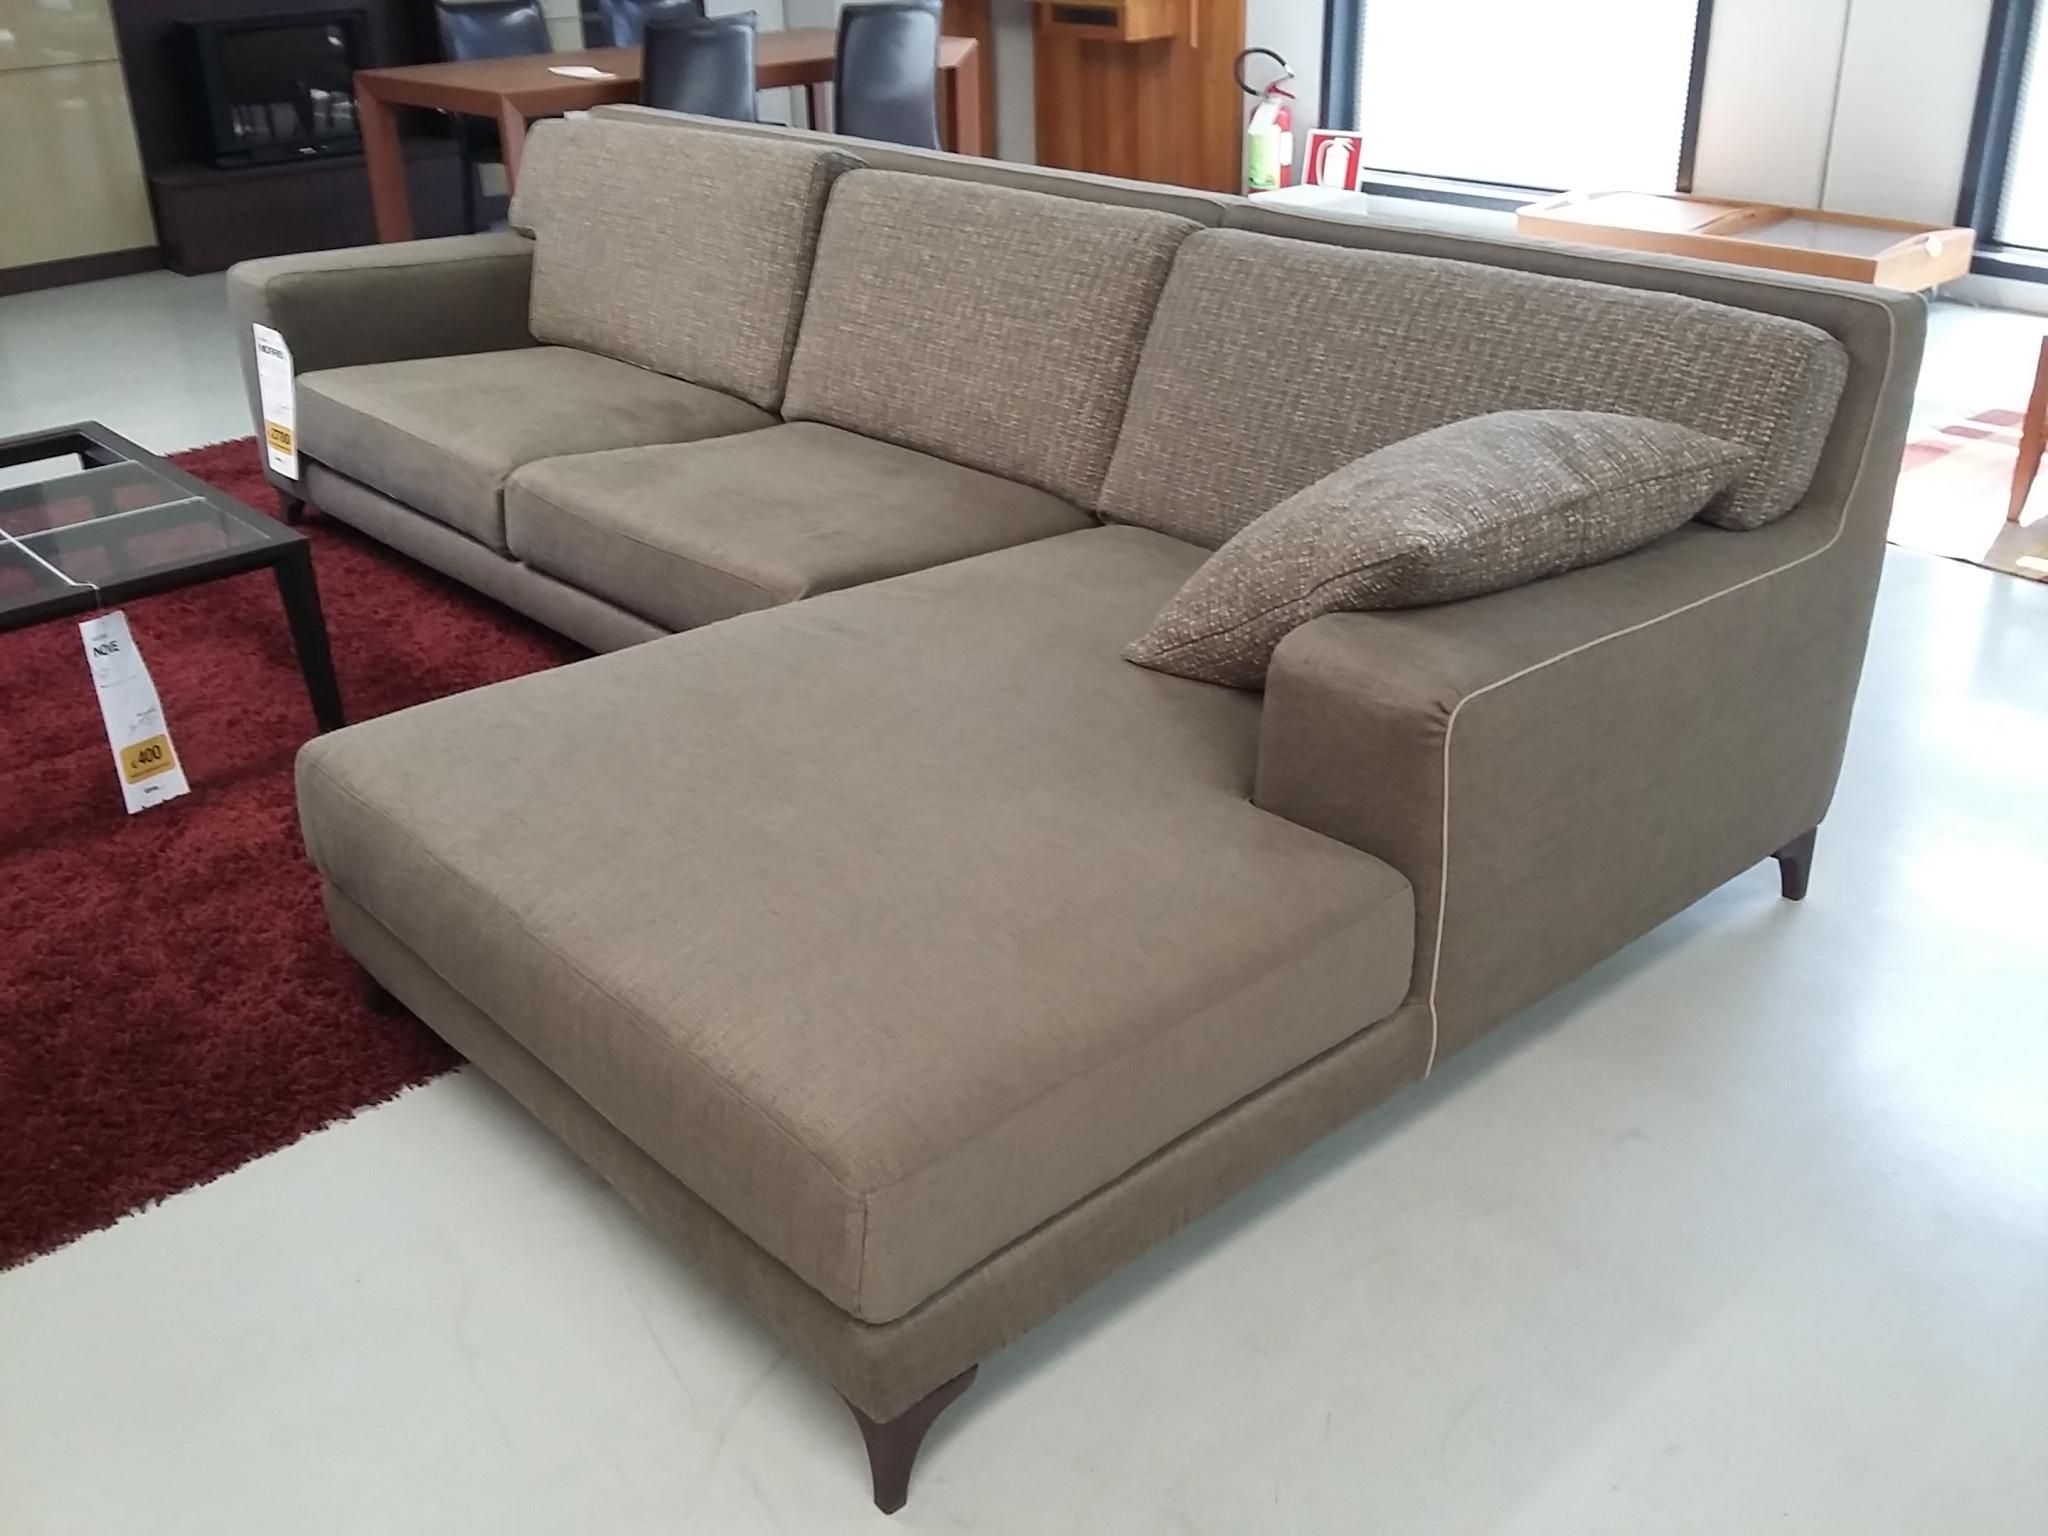 Ditre italia divano morrison divani con chaise longue - Divano 3 posti divano 2 posti ...